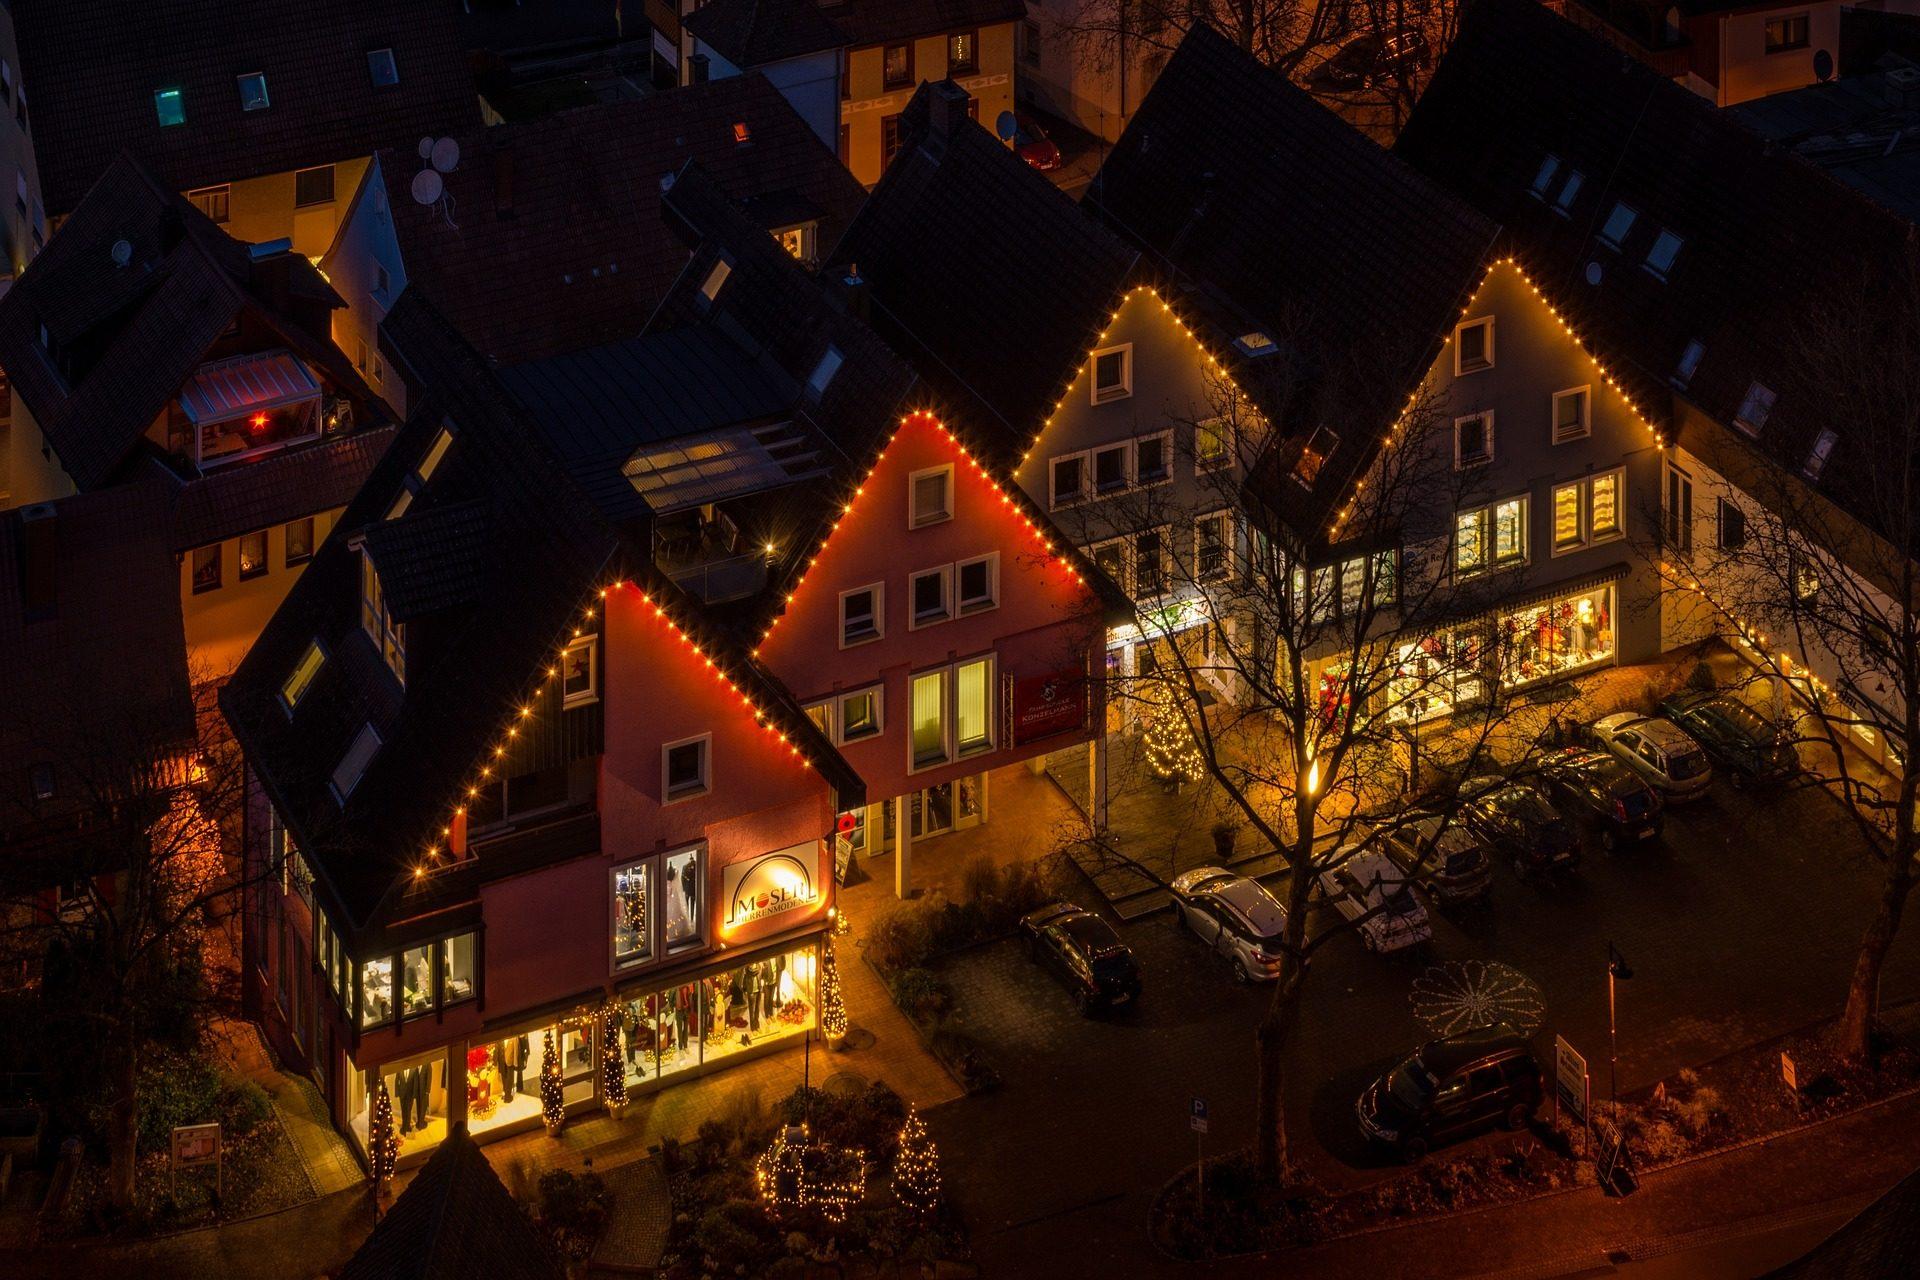 φώτα, στολίδια, Χριστούγεννα, σπίτια, νύχτα - Wallpapers HD - Professor-falken.com